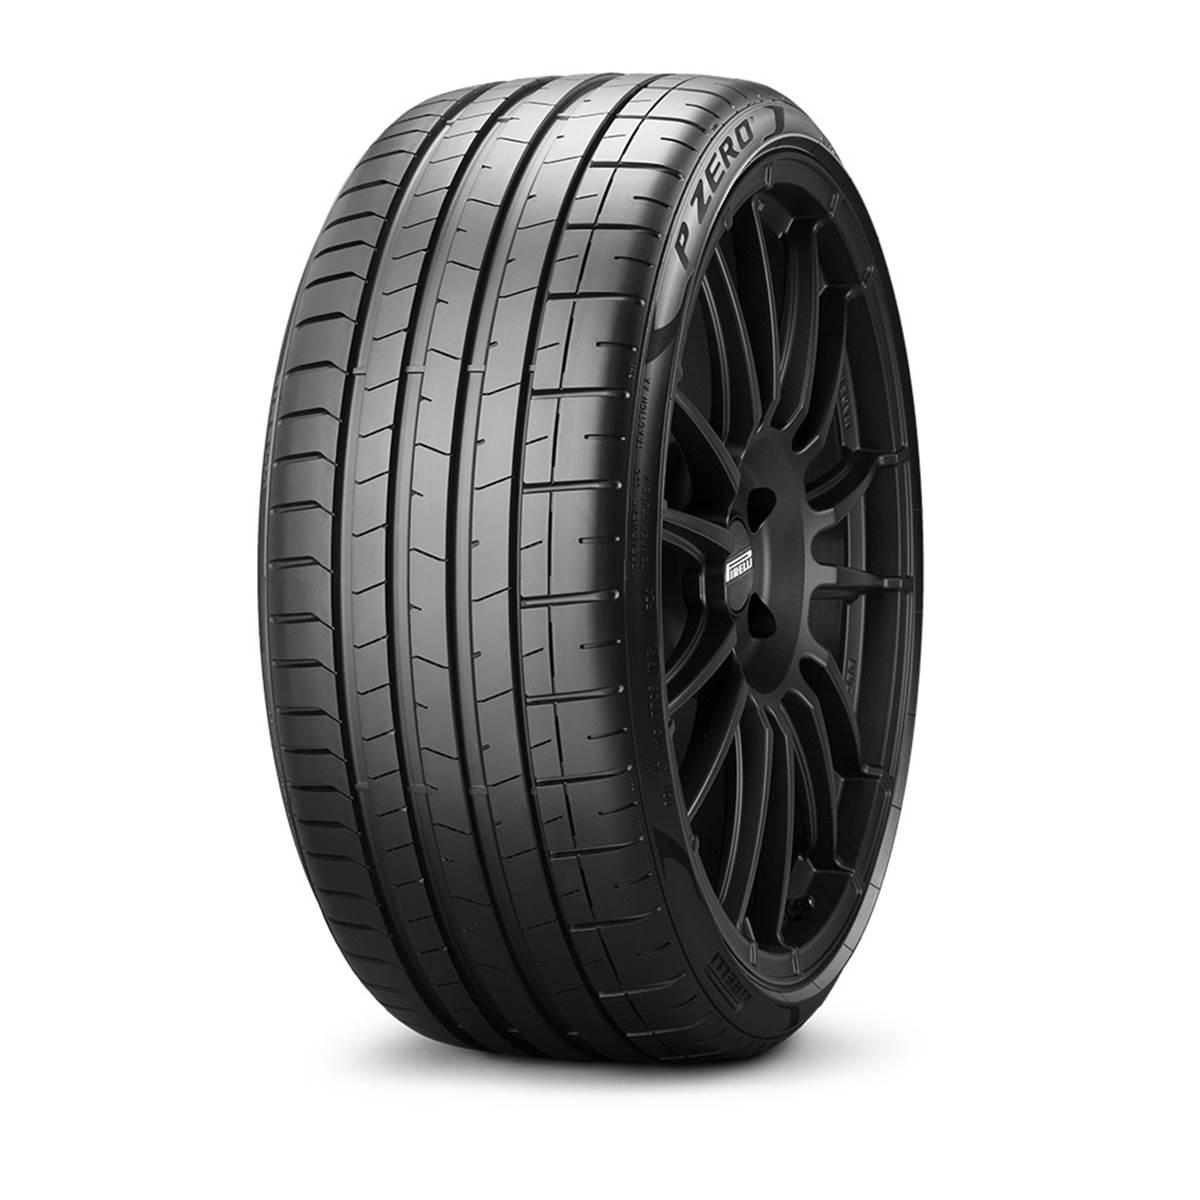 Pneu Pirelli 265/35R19 98Y Pzero XL